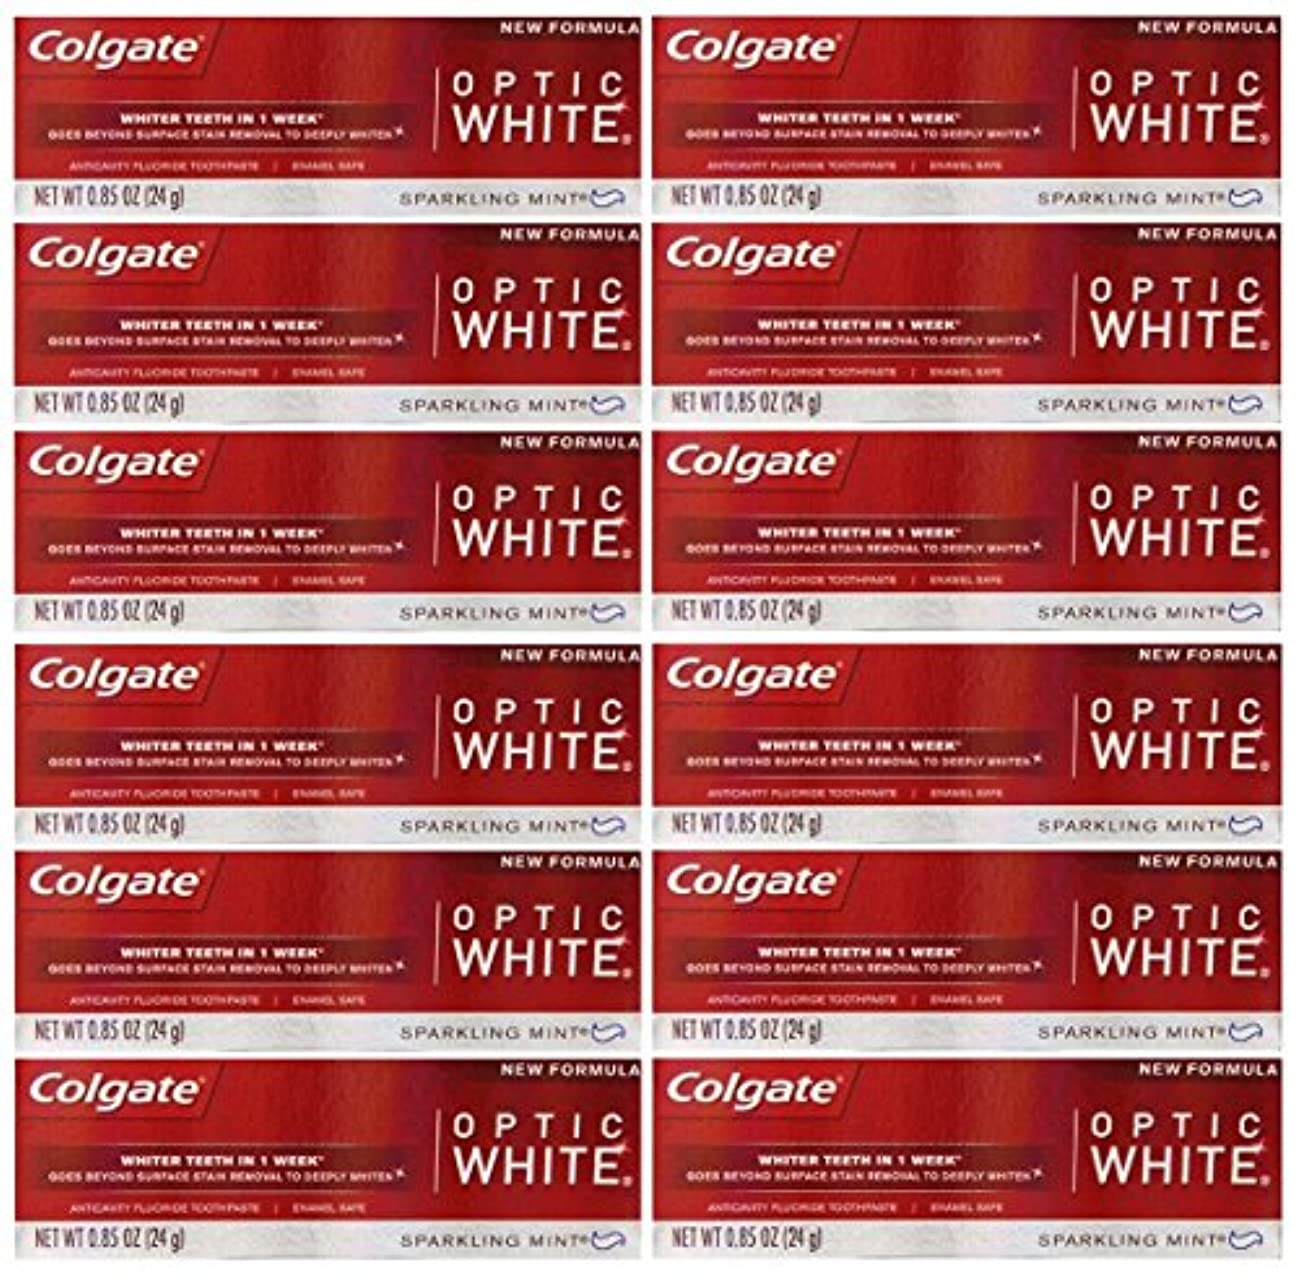 キャロライン狐交換Colgate 12パック - ハミガキ、スパークリングホワイト、スパークリングミント、トラベルサイズ0.85オンスホワイトニングオプティックホワイト歯